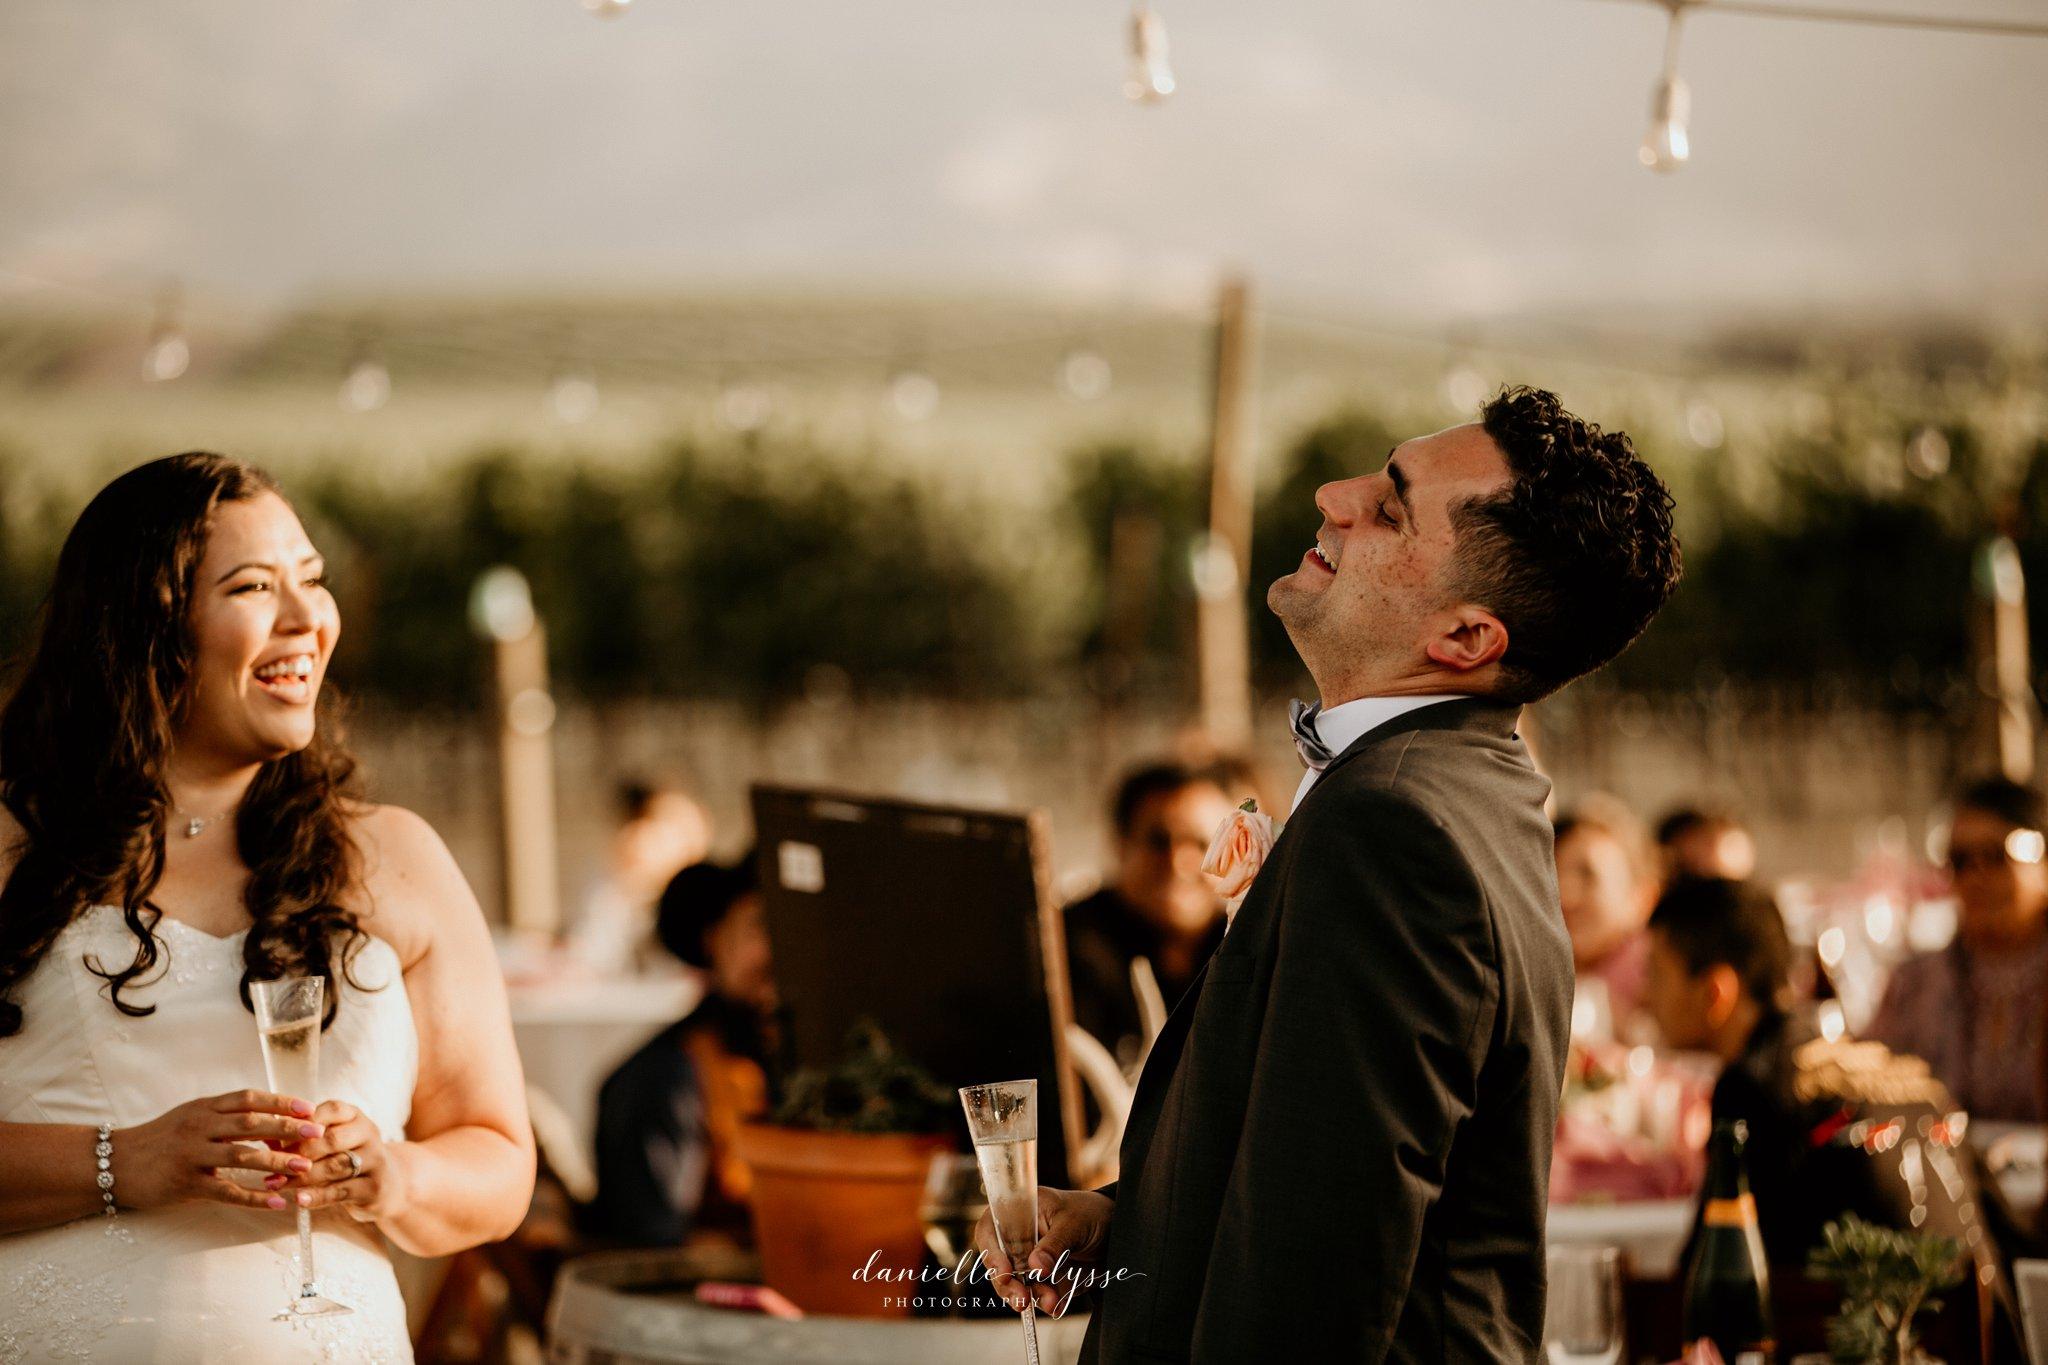 180630_wedding_lily_ryan_mission_soledad_california_danielle_alysse_photography_blog_999_WEB.jpg